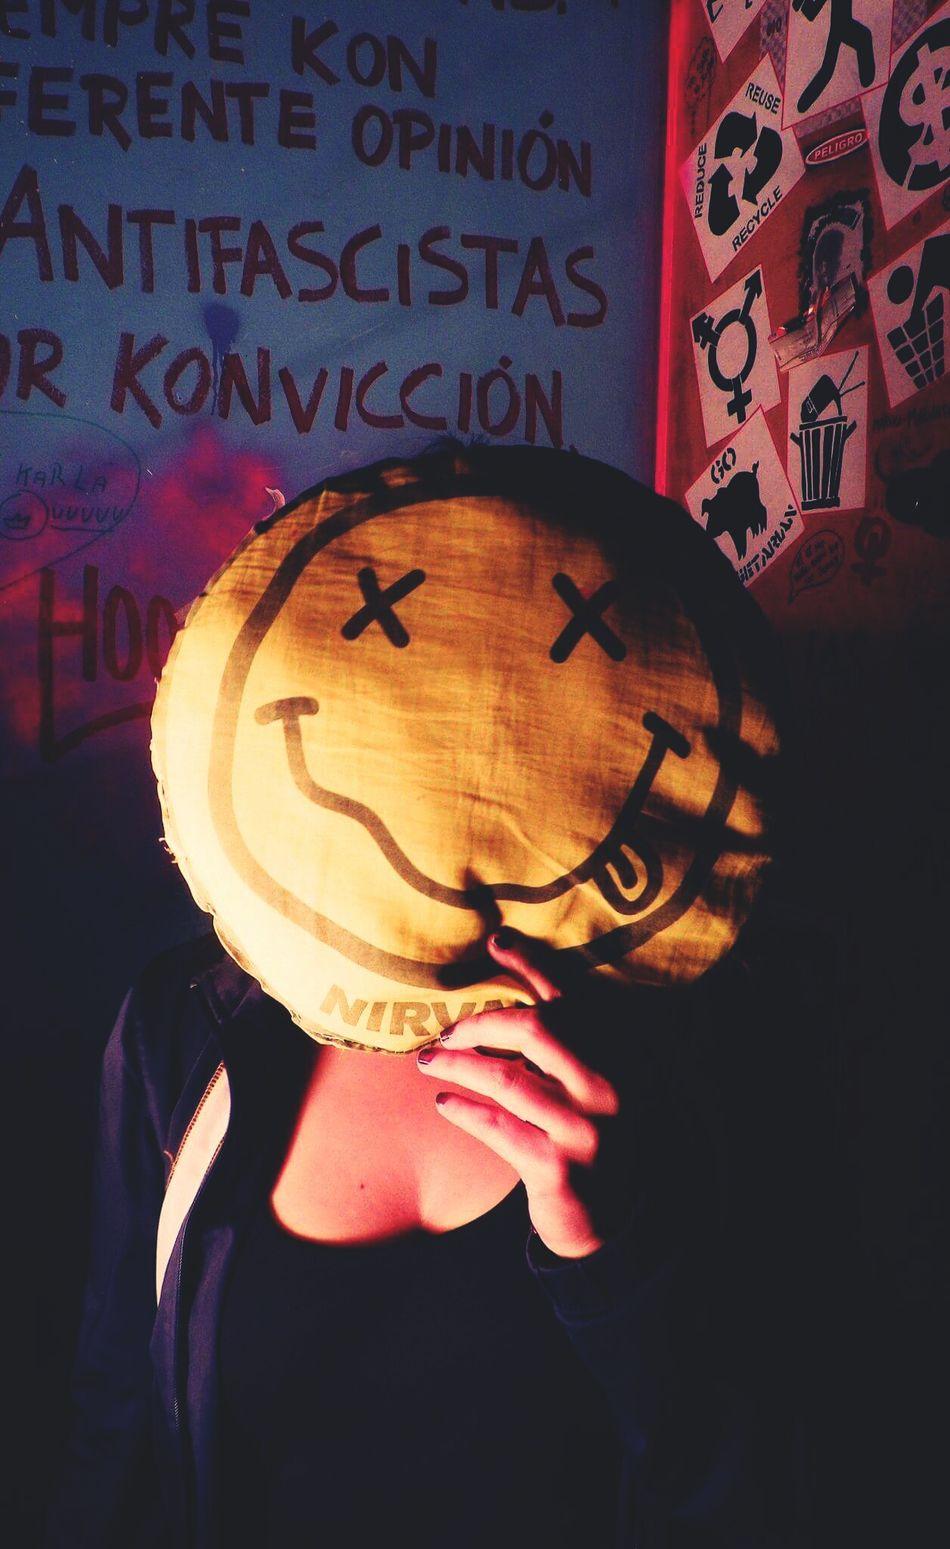 Human Face Mask - Disguise Facial Expression Creativity Nirvana Nirvana <3 Nirvana Day Nirvanatshirt Kurt Cobain <33333 Kurt Cobain Portrait